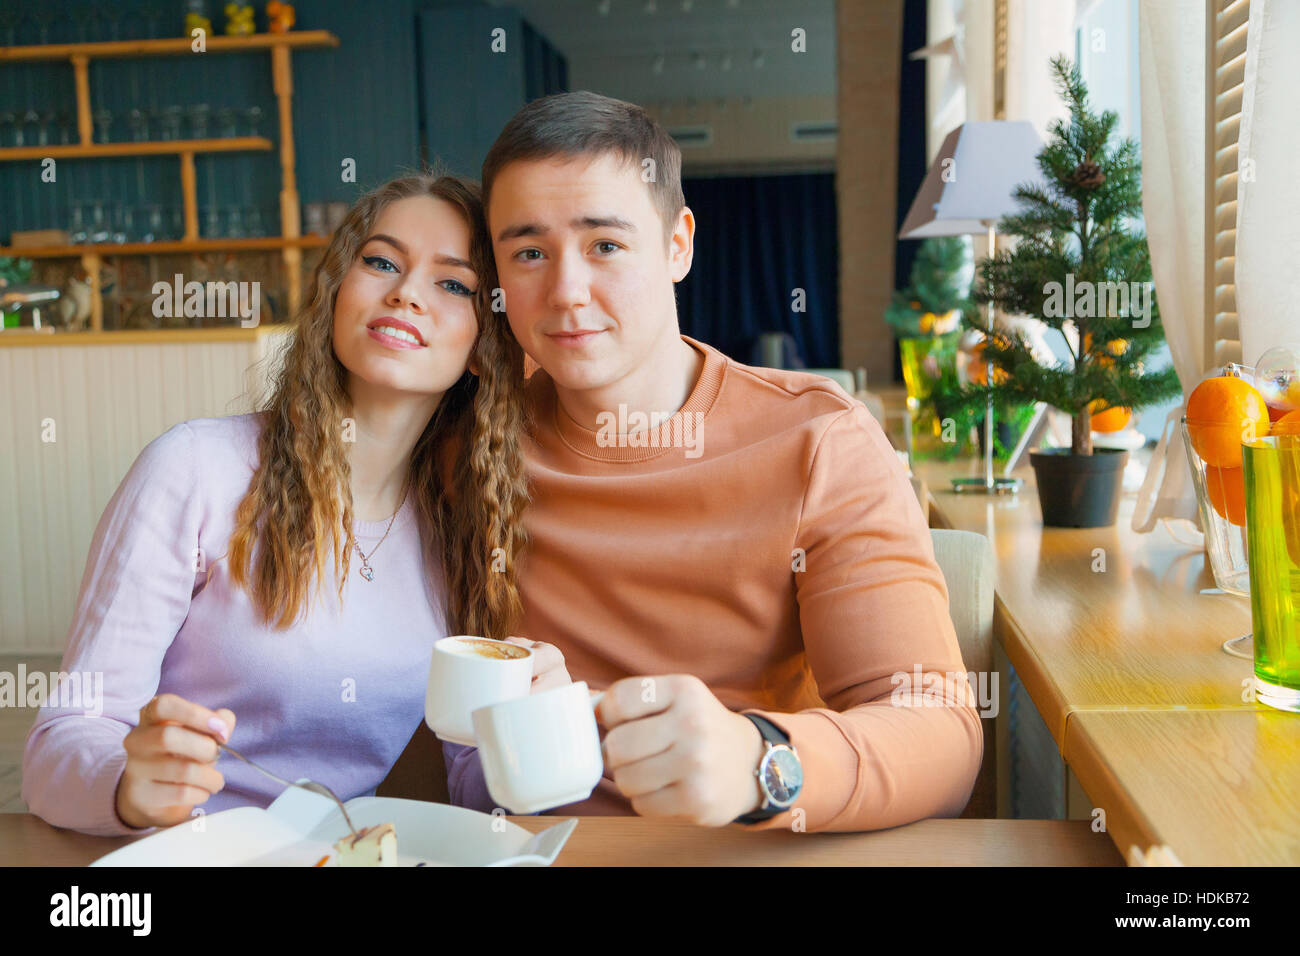 Una donna e un uomo in cafe Immagini Stock